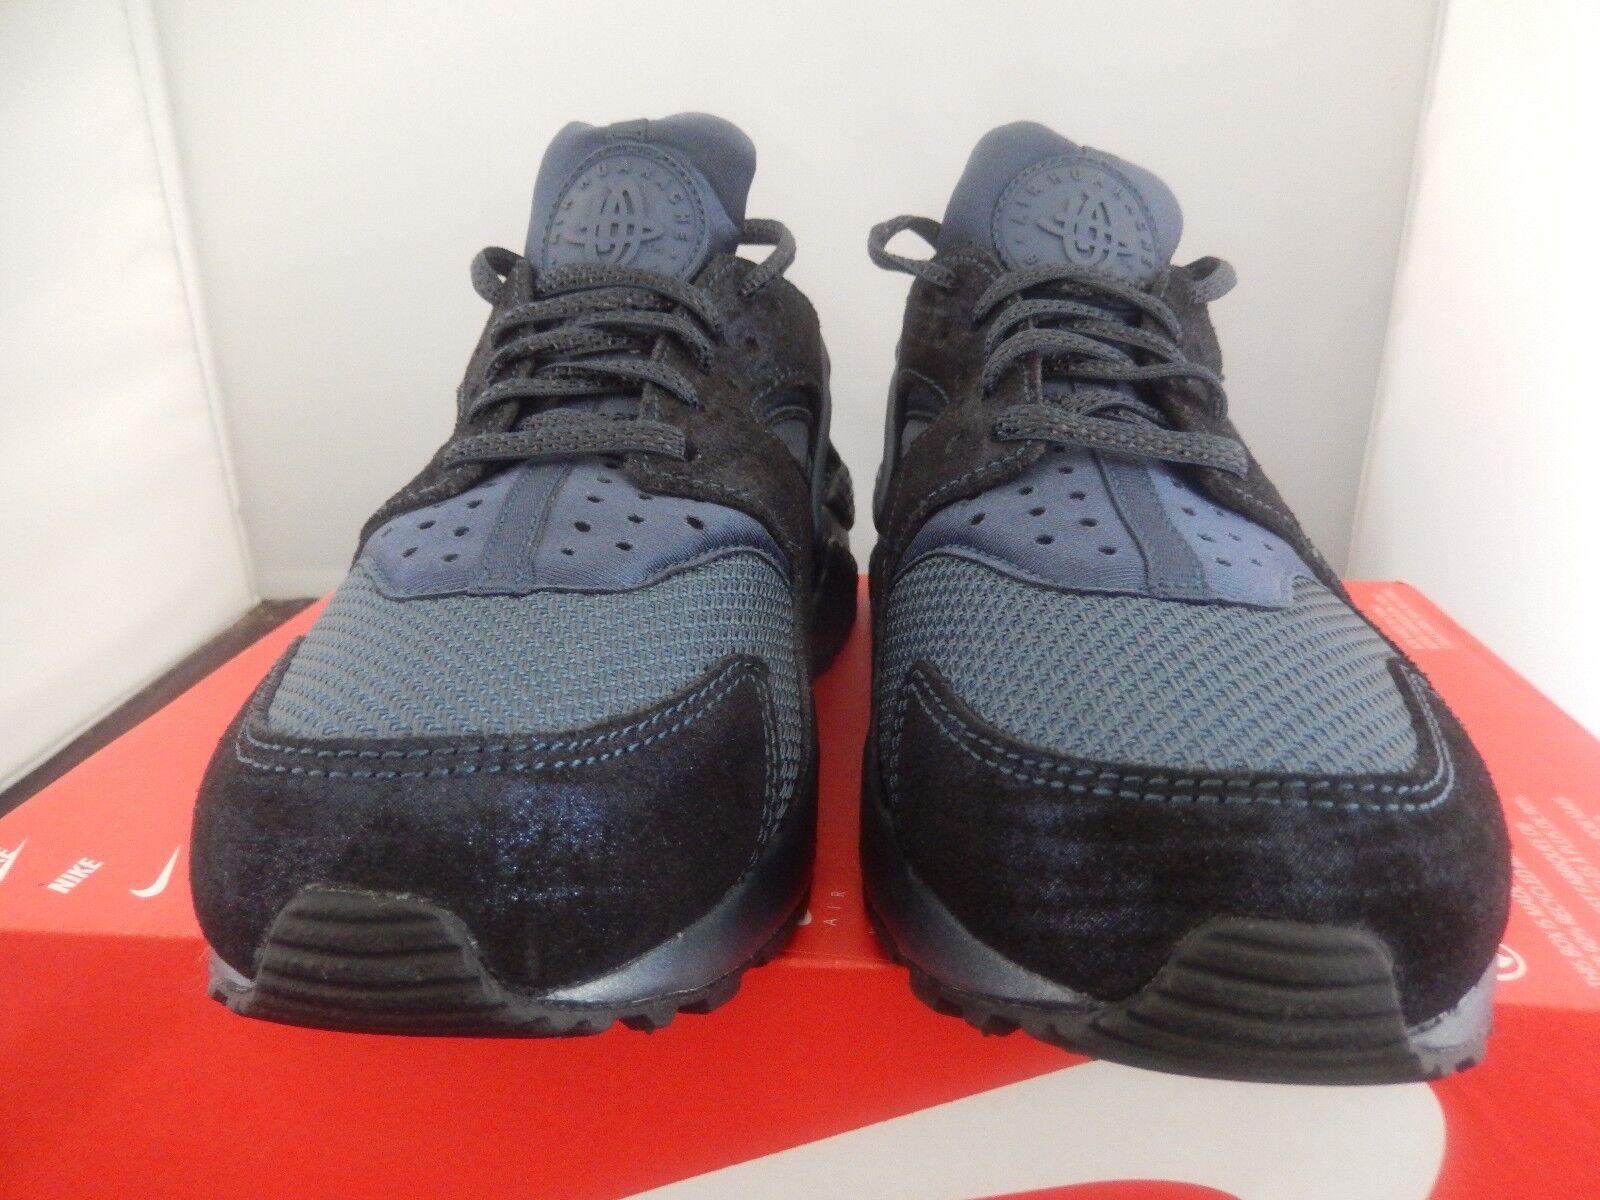 Nike air huarache corsa corsa corsa ridotta premio metallici blu navy sz 6 - 683818-900] | Di Nuovi Prodotti 2019  | Uomini/Donne Scarpa  c4d514